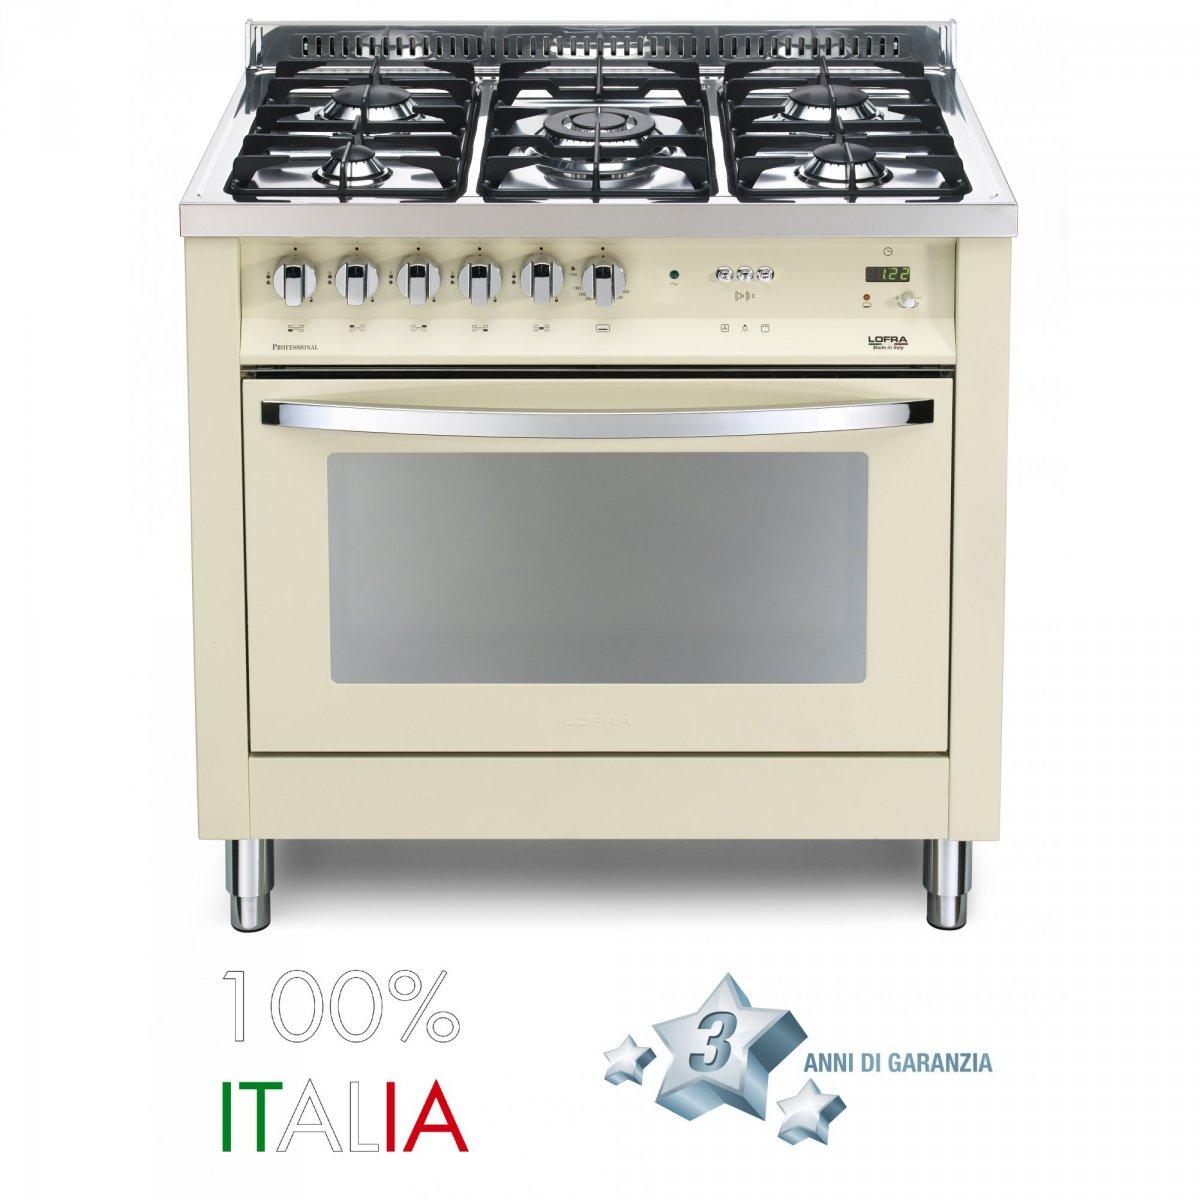 Lofra cucina rainbow 90 avorio 5 fuochi forno a gas pbig96gvtc lofra elettrodomestici cucine - Elettrodomestici cucina a gas ...